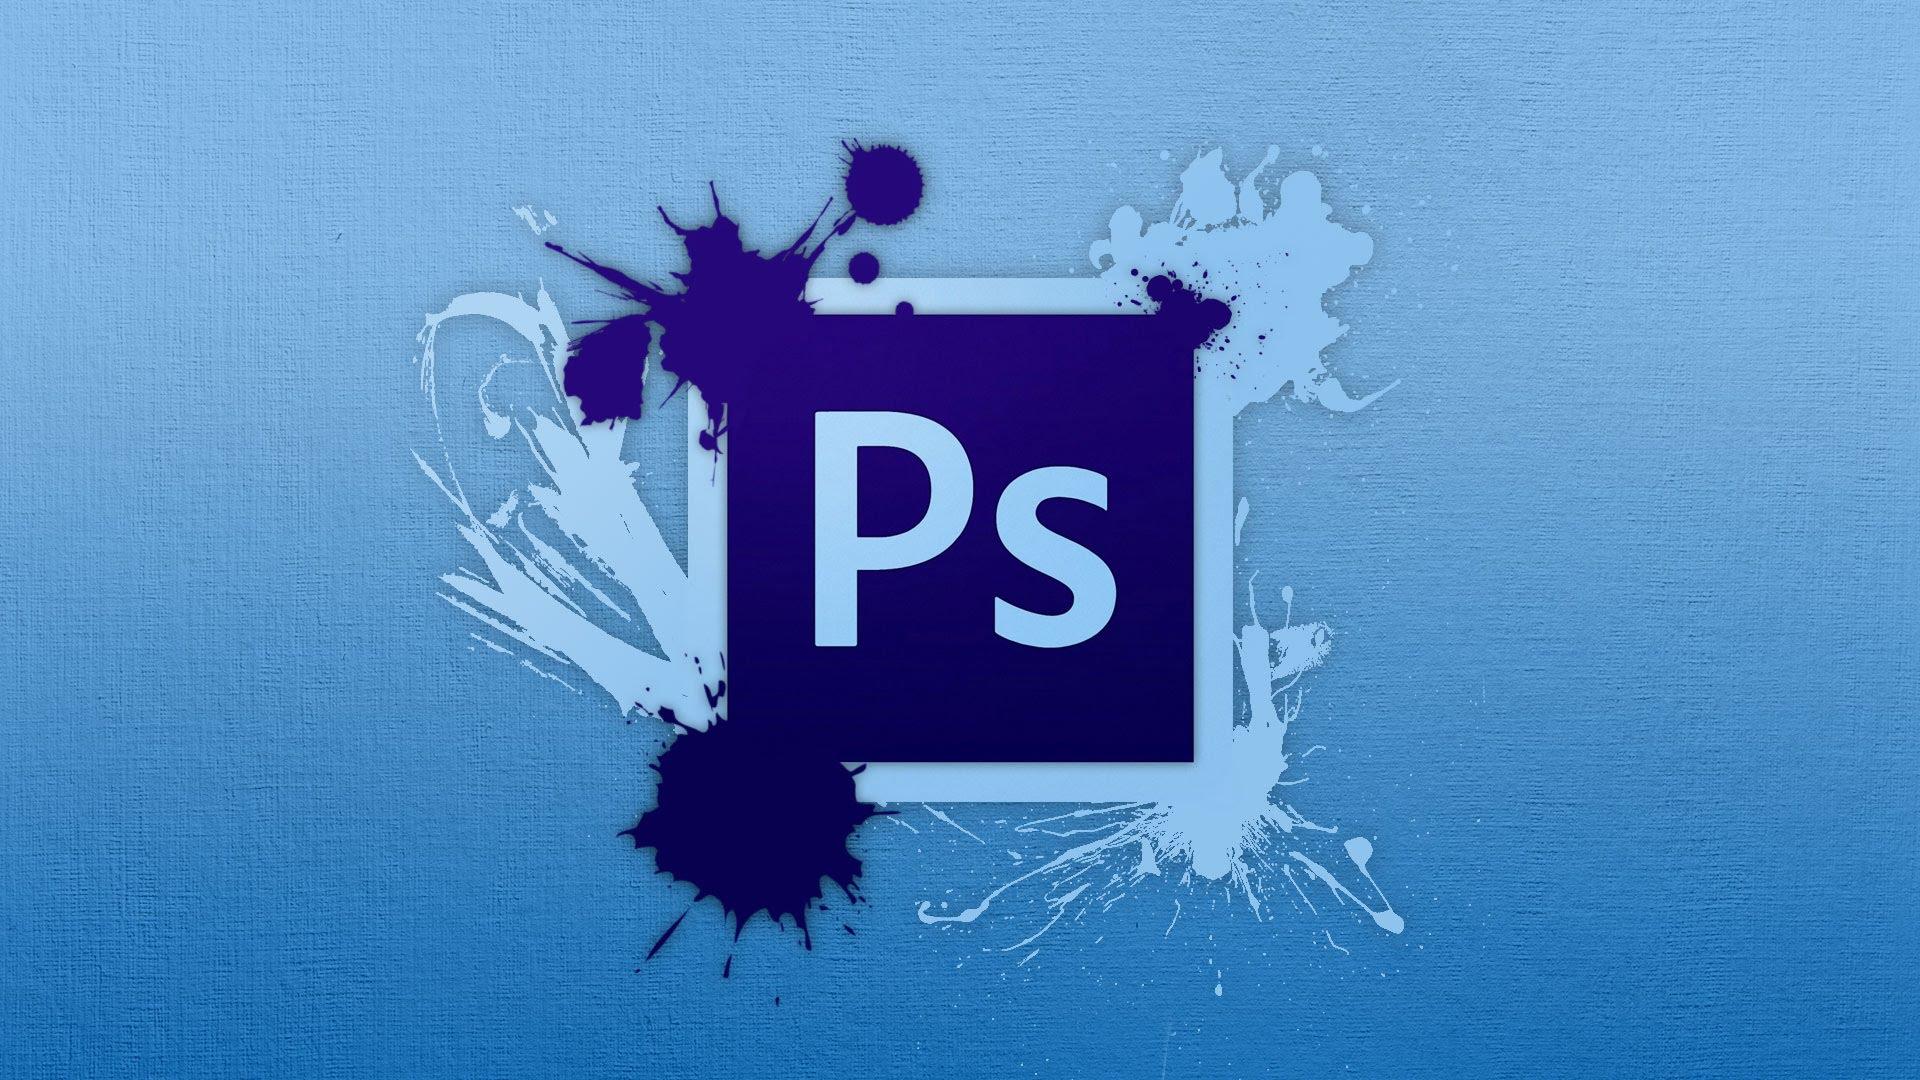 PSD uzantılı dosyalarda önizlemeyi açmak